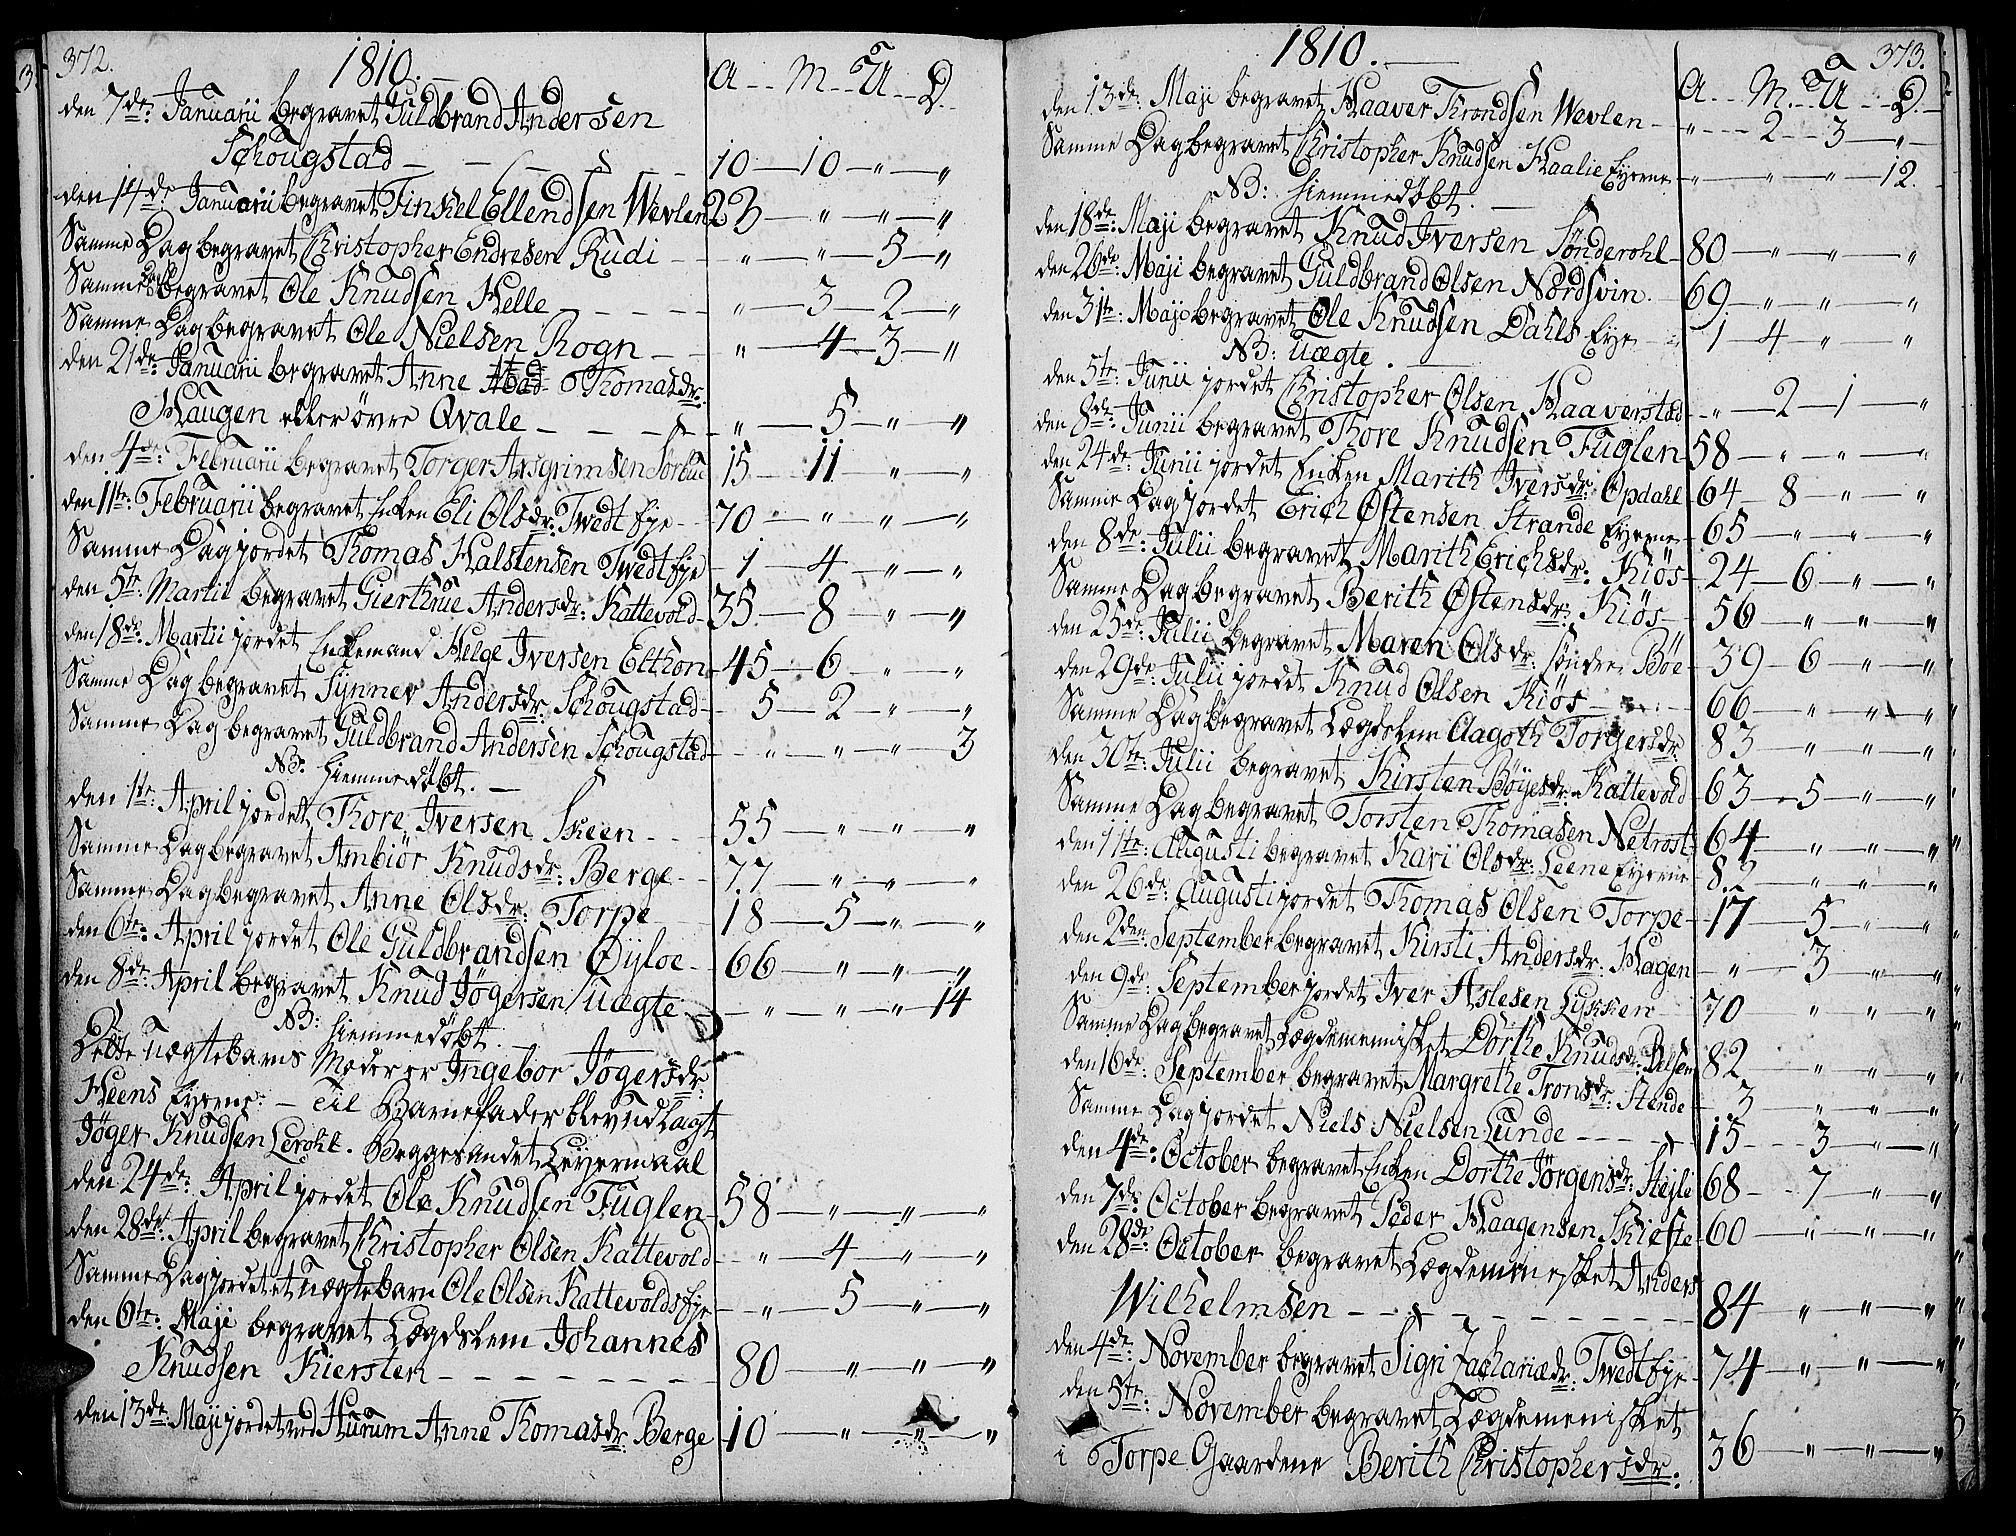 SAH, Vang prestekontor, Valdres, Ministerialbok nr. 3, 1809-1831, s. 372-373